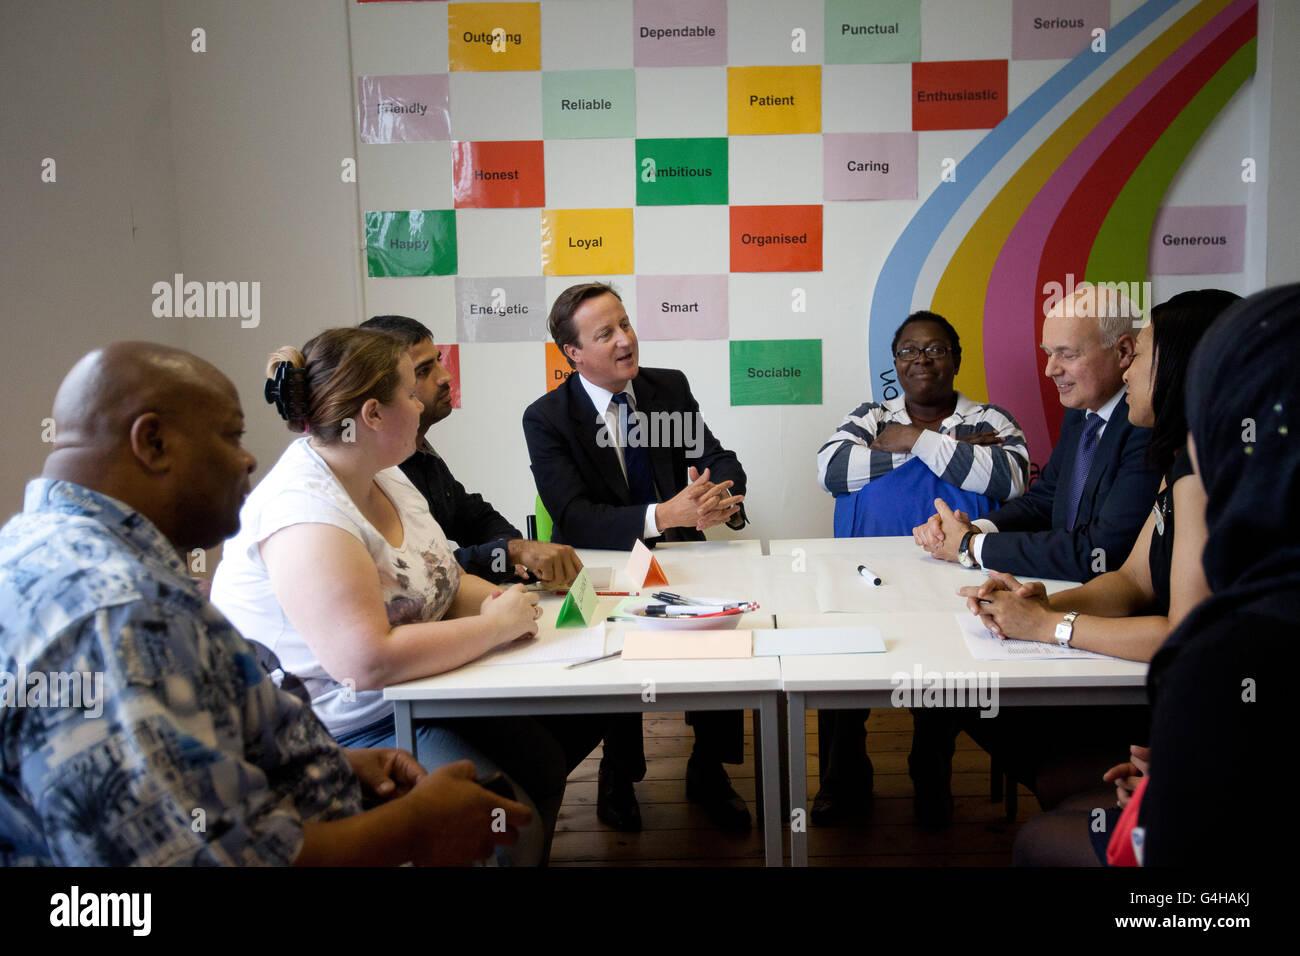 El primer Ministro David Cameron y el Secretario de Estado para el Trabajo y las Pensiones Iain Duncan Smith se unen a una sesión de capacitación sobre habilidades transferibles durante una visita a las oficinas de A4e (Acción para el Empleo) en Brixton, al sur de Londres. Foto de stock